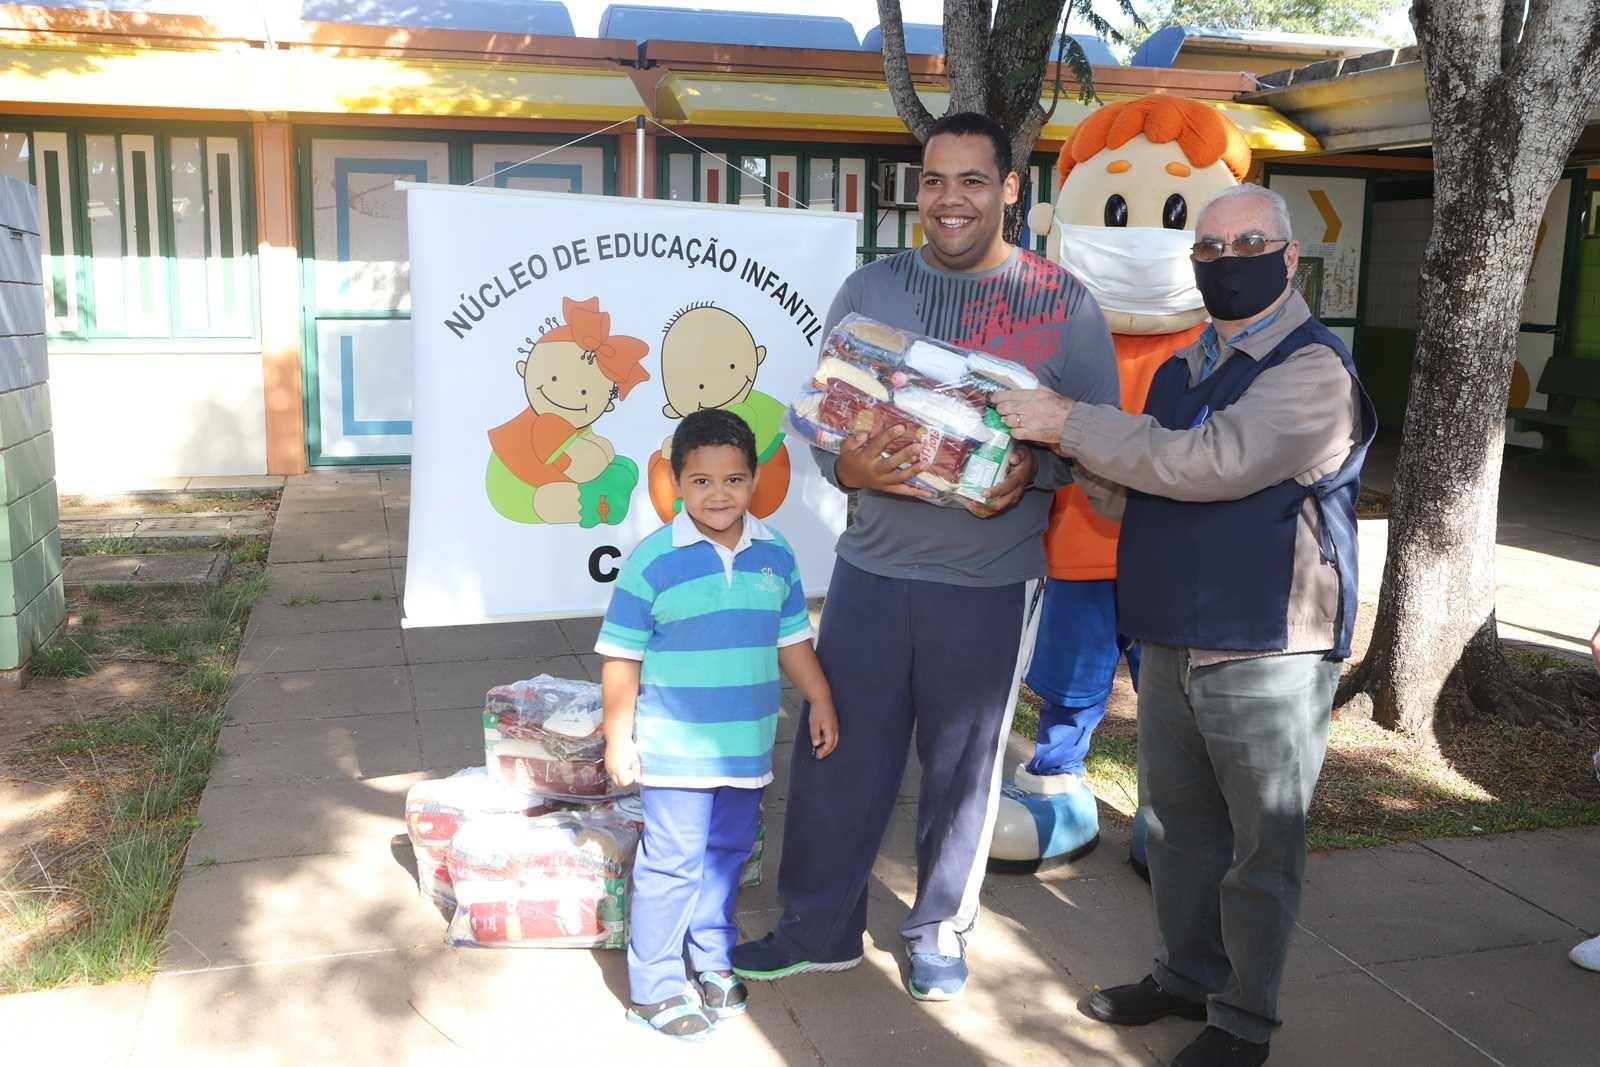 Dores em Ação Social: Doações Escola Caic